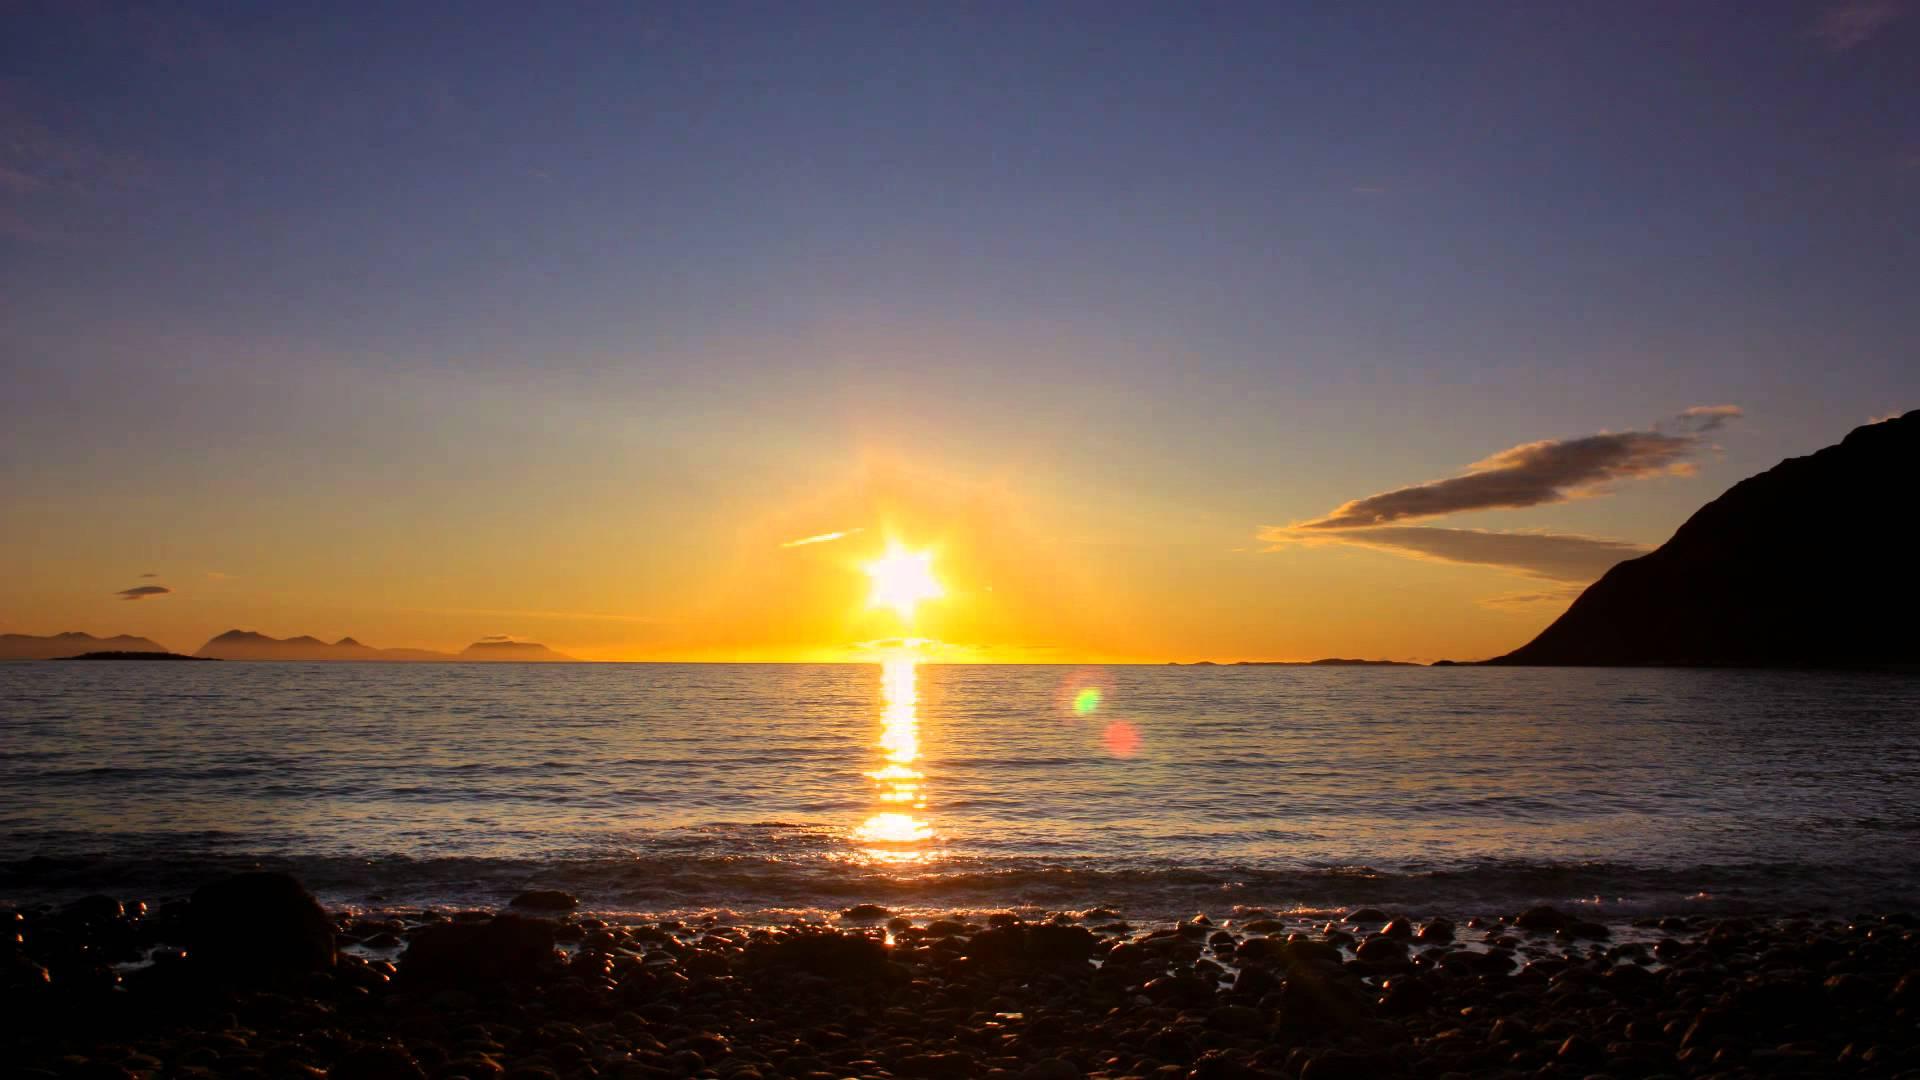 Khoảng một phần tư lãnh thổ của Phần Lan nằm ở phía bắc của vòng Bắc Cực và ở điểm xa nhất về phía bắc của đất nước này thì Mặt Trời không lặn trong 73 ngày liên tục trong mùa hè.